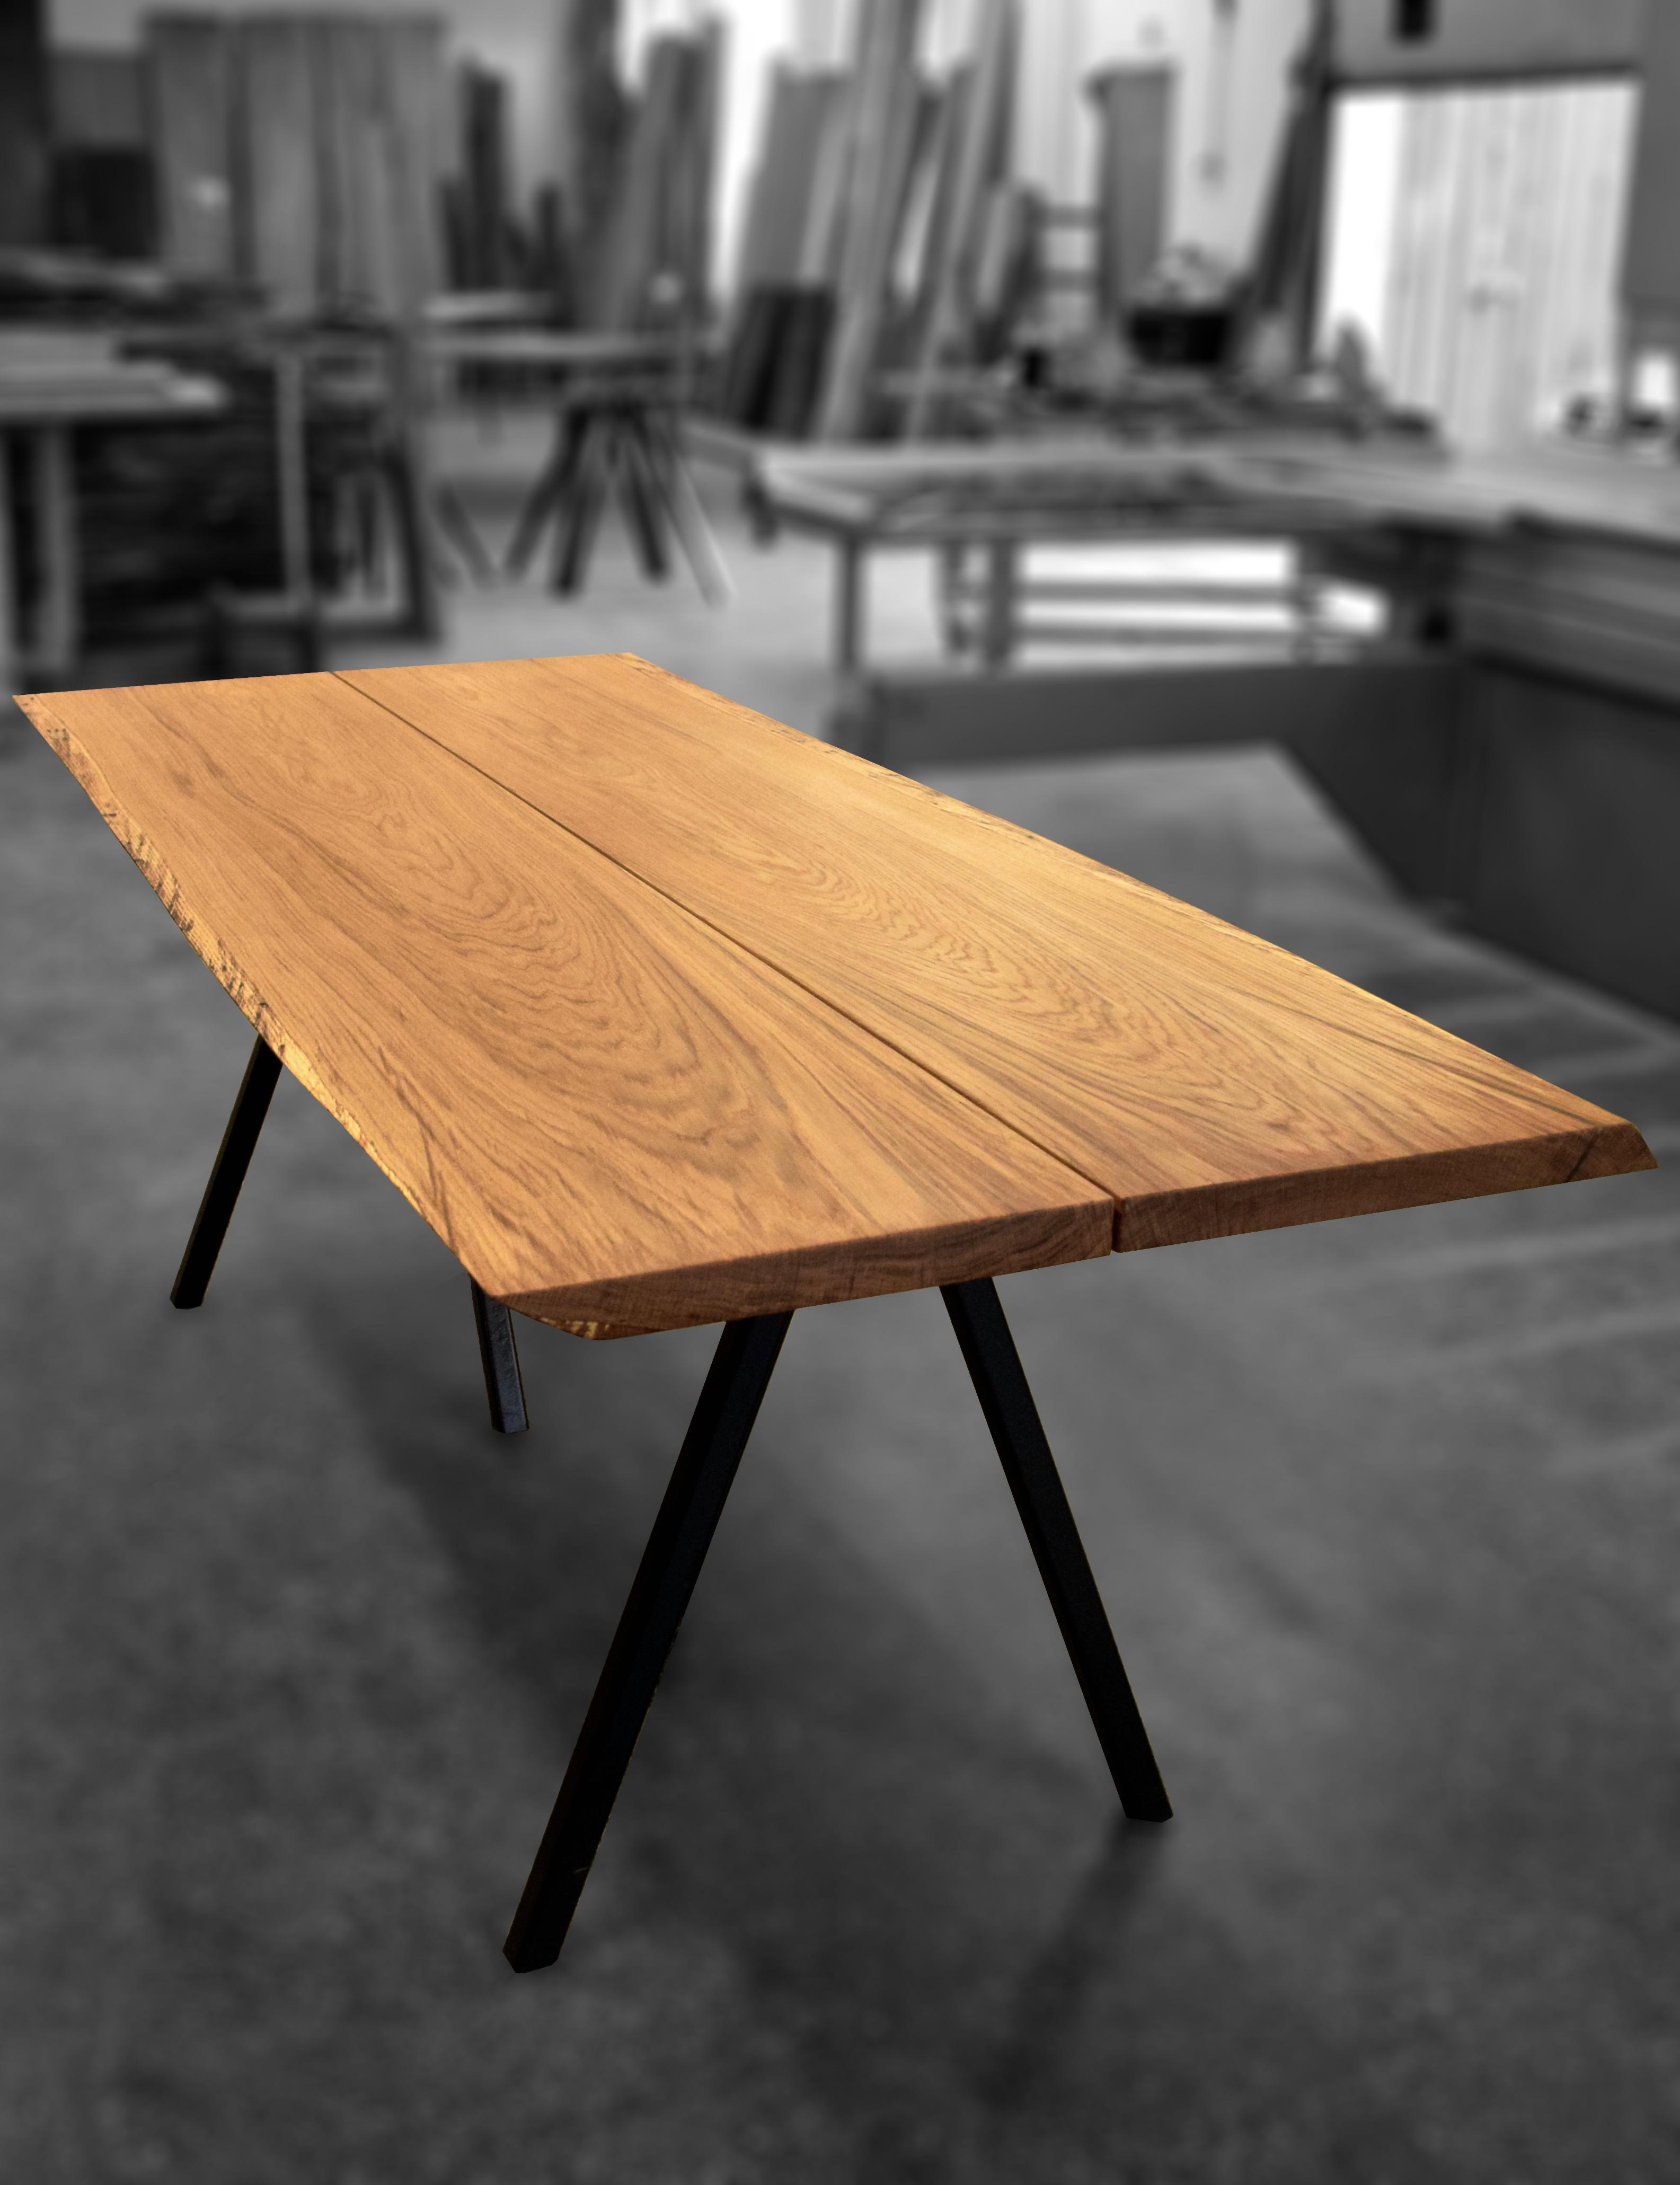 spisebord egetræ SPISEBORD EGETRÆ FRA KNUTHENB| Mann Design spisebord egetræ